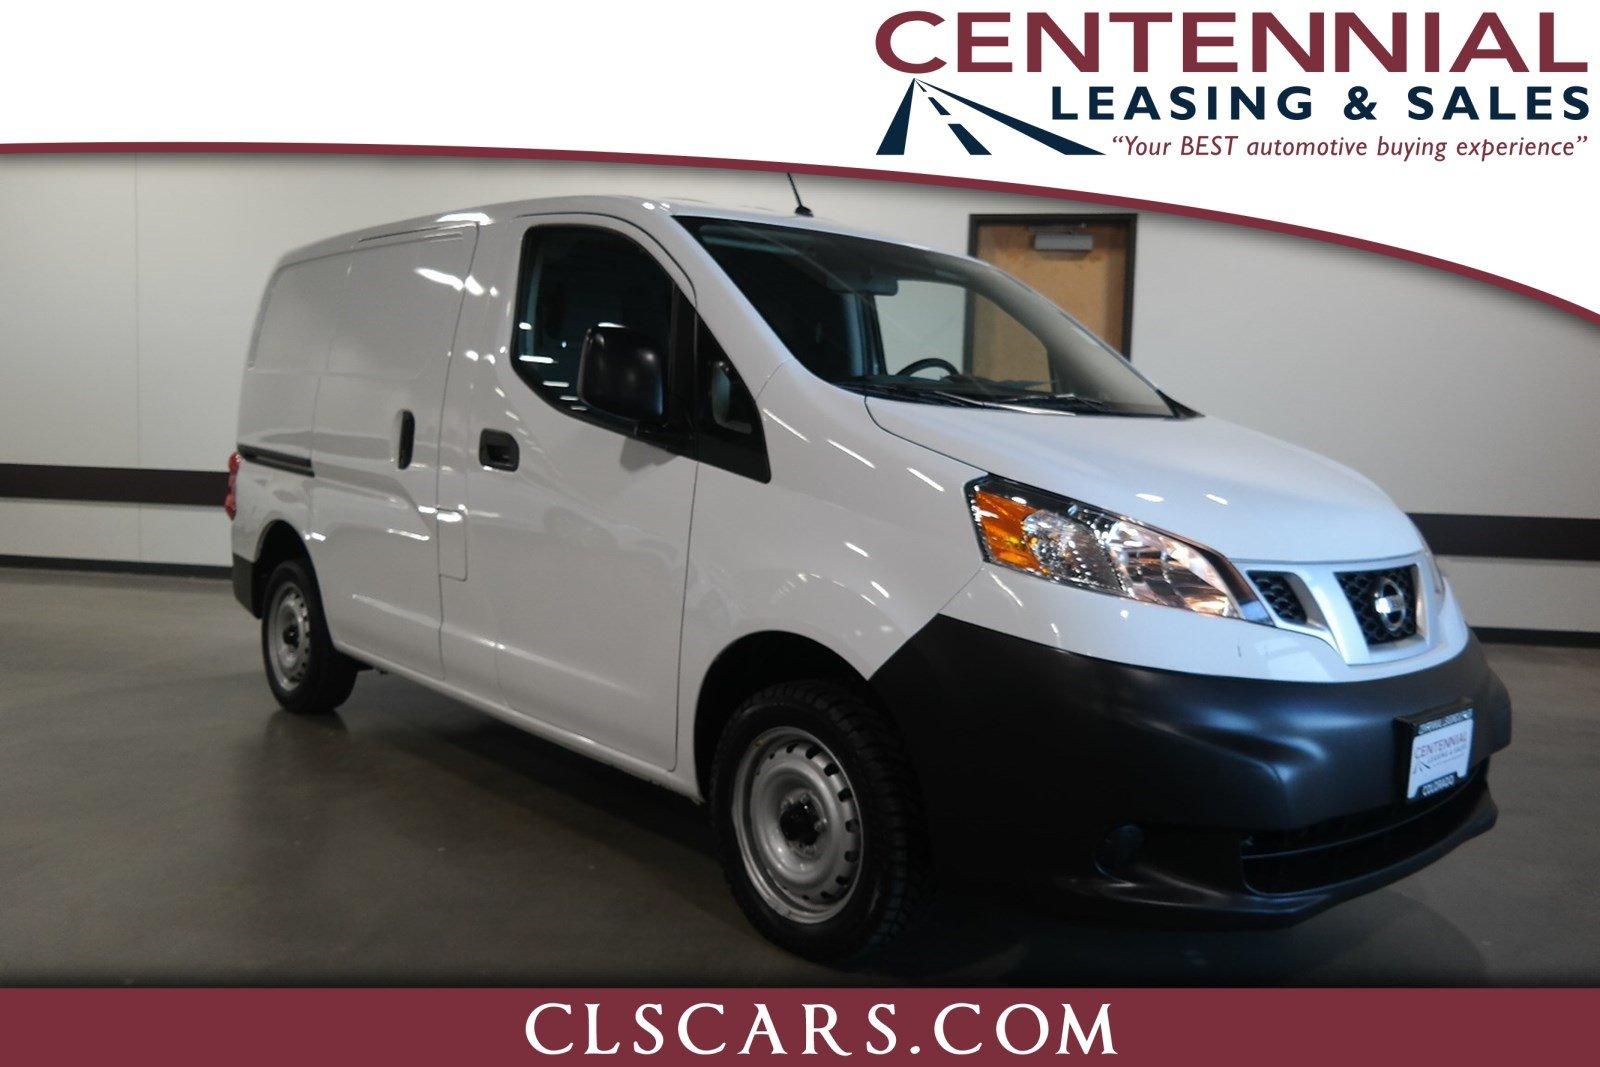 2019 Nissan NV200 Compact Cargo S Van